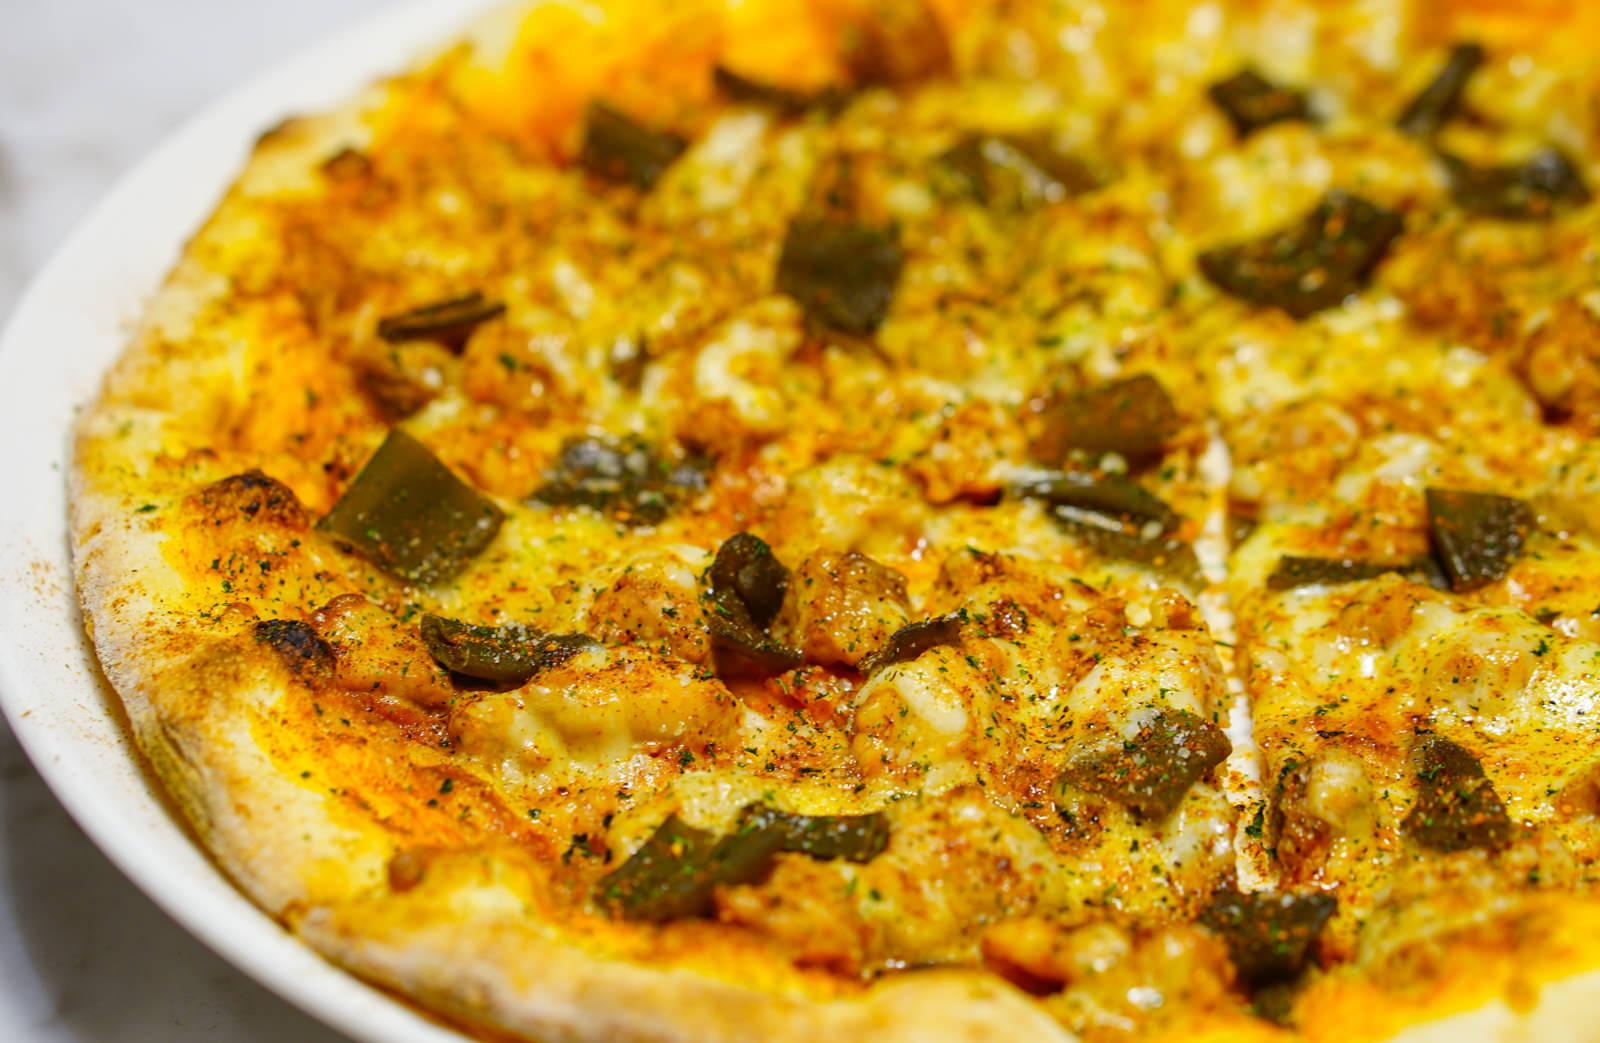 [高雄]Zoe Cafe & Pizza Pasta-超誇張!蔥花滿滿蔥仔pizza x 滿滿牛肉片燉飯 創意台義混搭 高雄pizza推薦 @美食好芃友